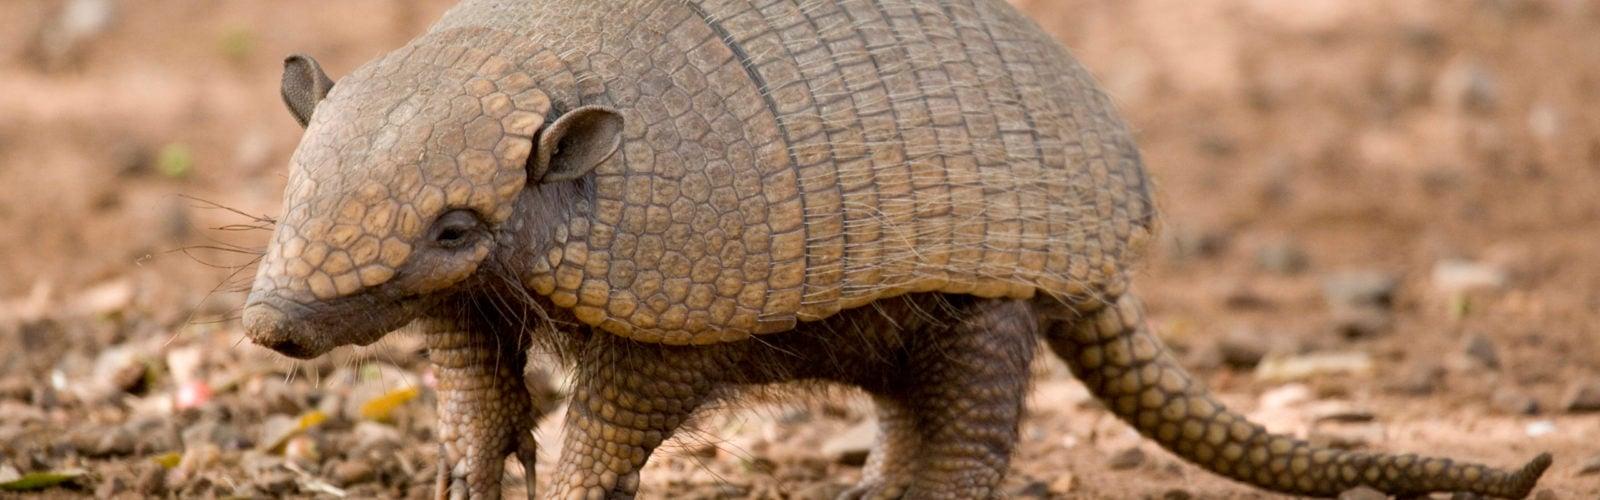 pantanal-armadillo